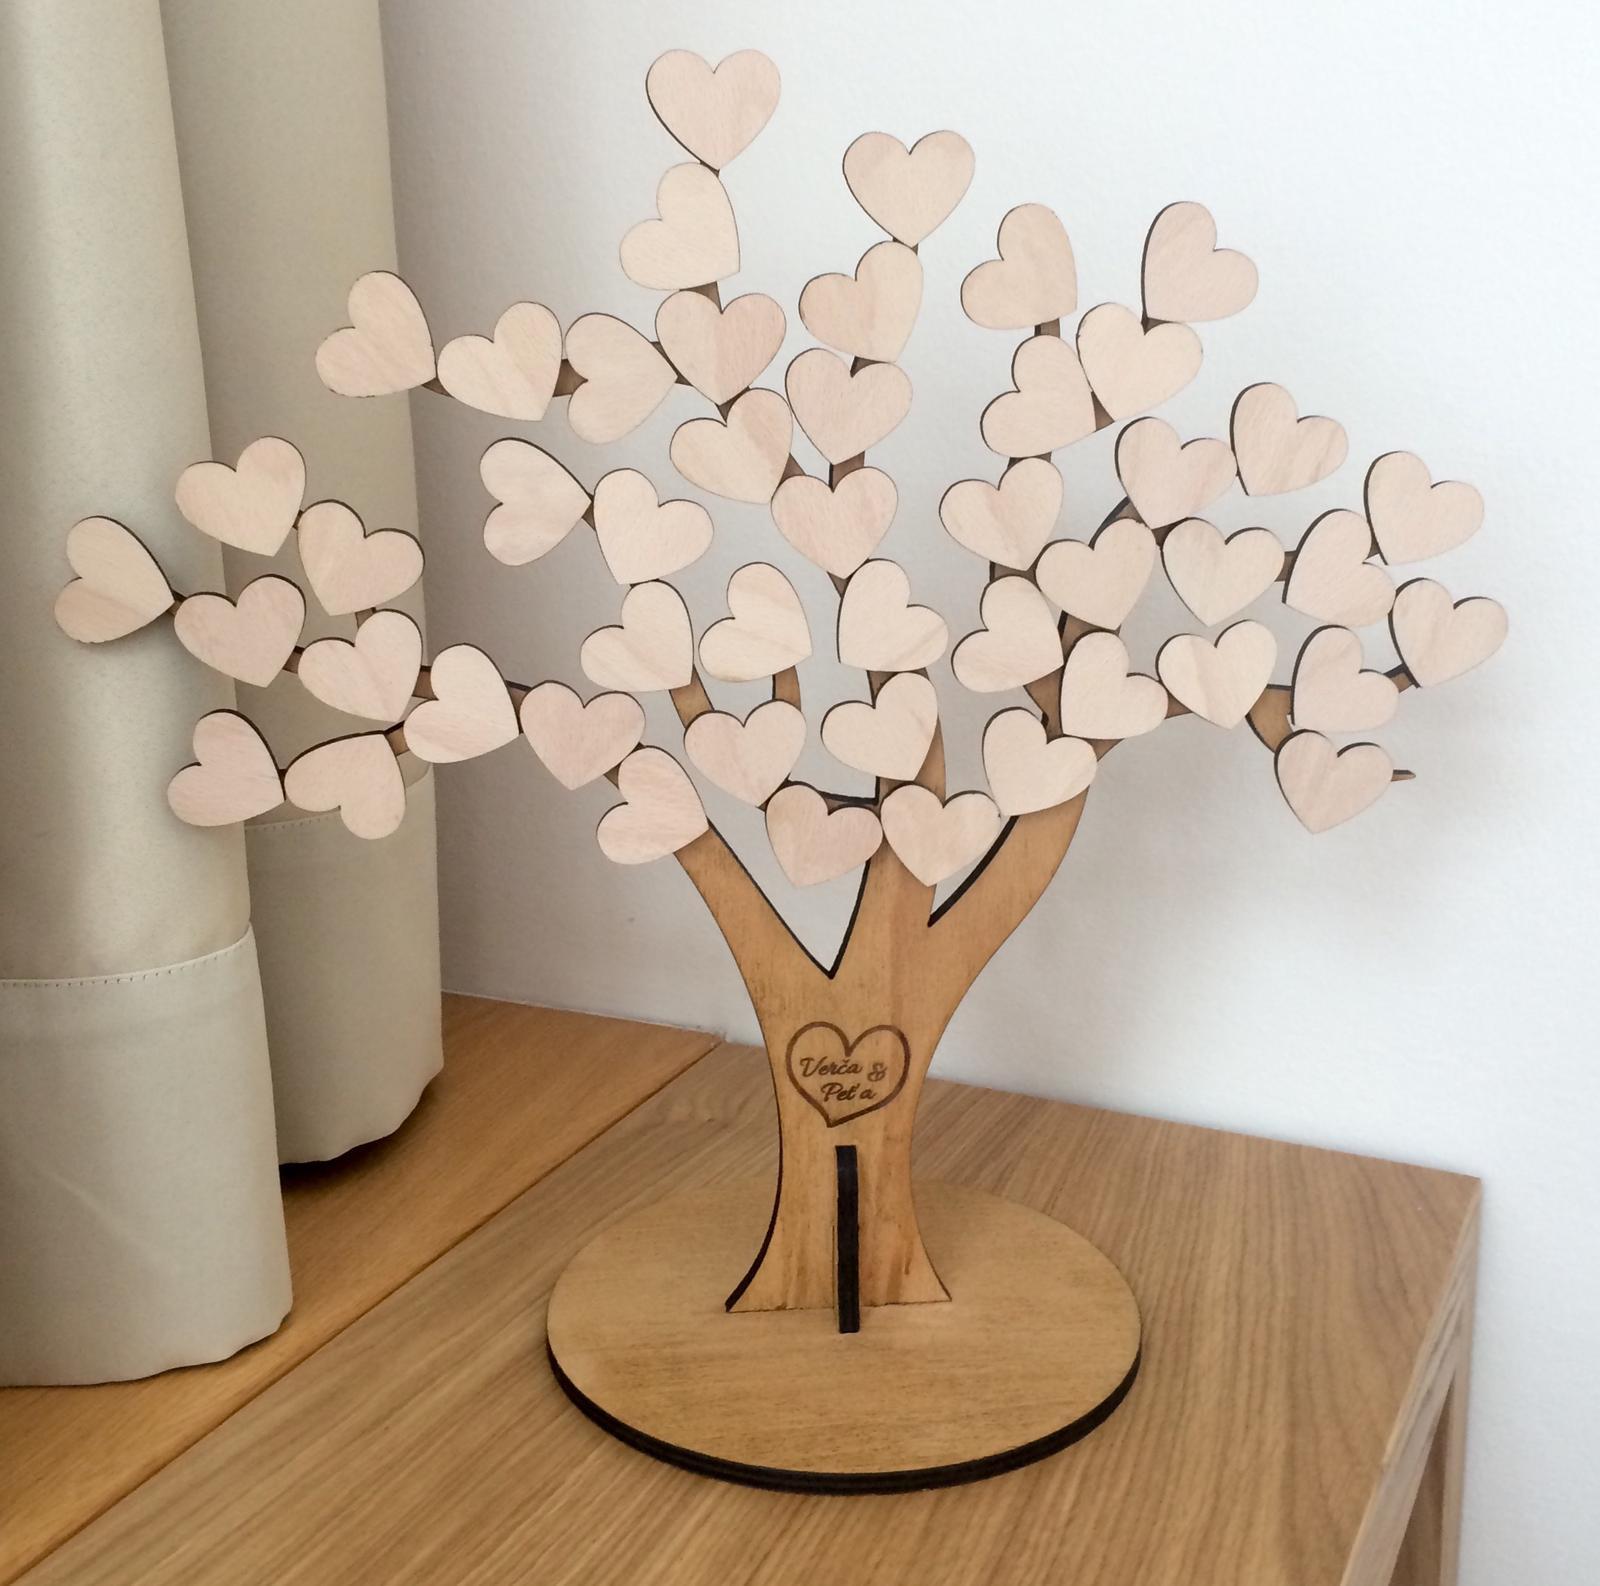 woodener - Strom života - Guest book - kniha hostů - na srdíčka stromu se vám podepíší všichni svatebčané na památku. Jména novomanželů na kmen stromu zadáte v objednávce.